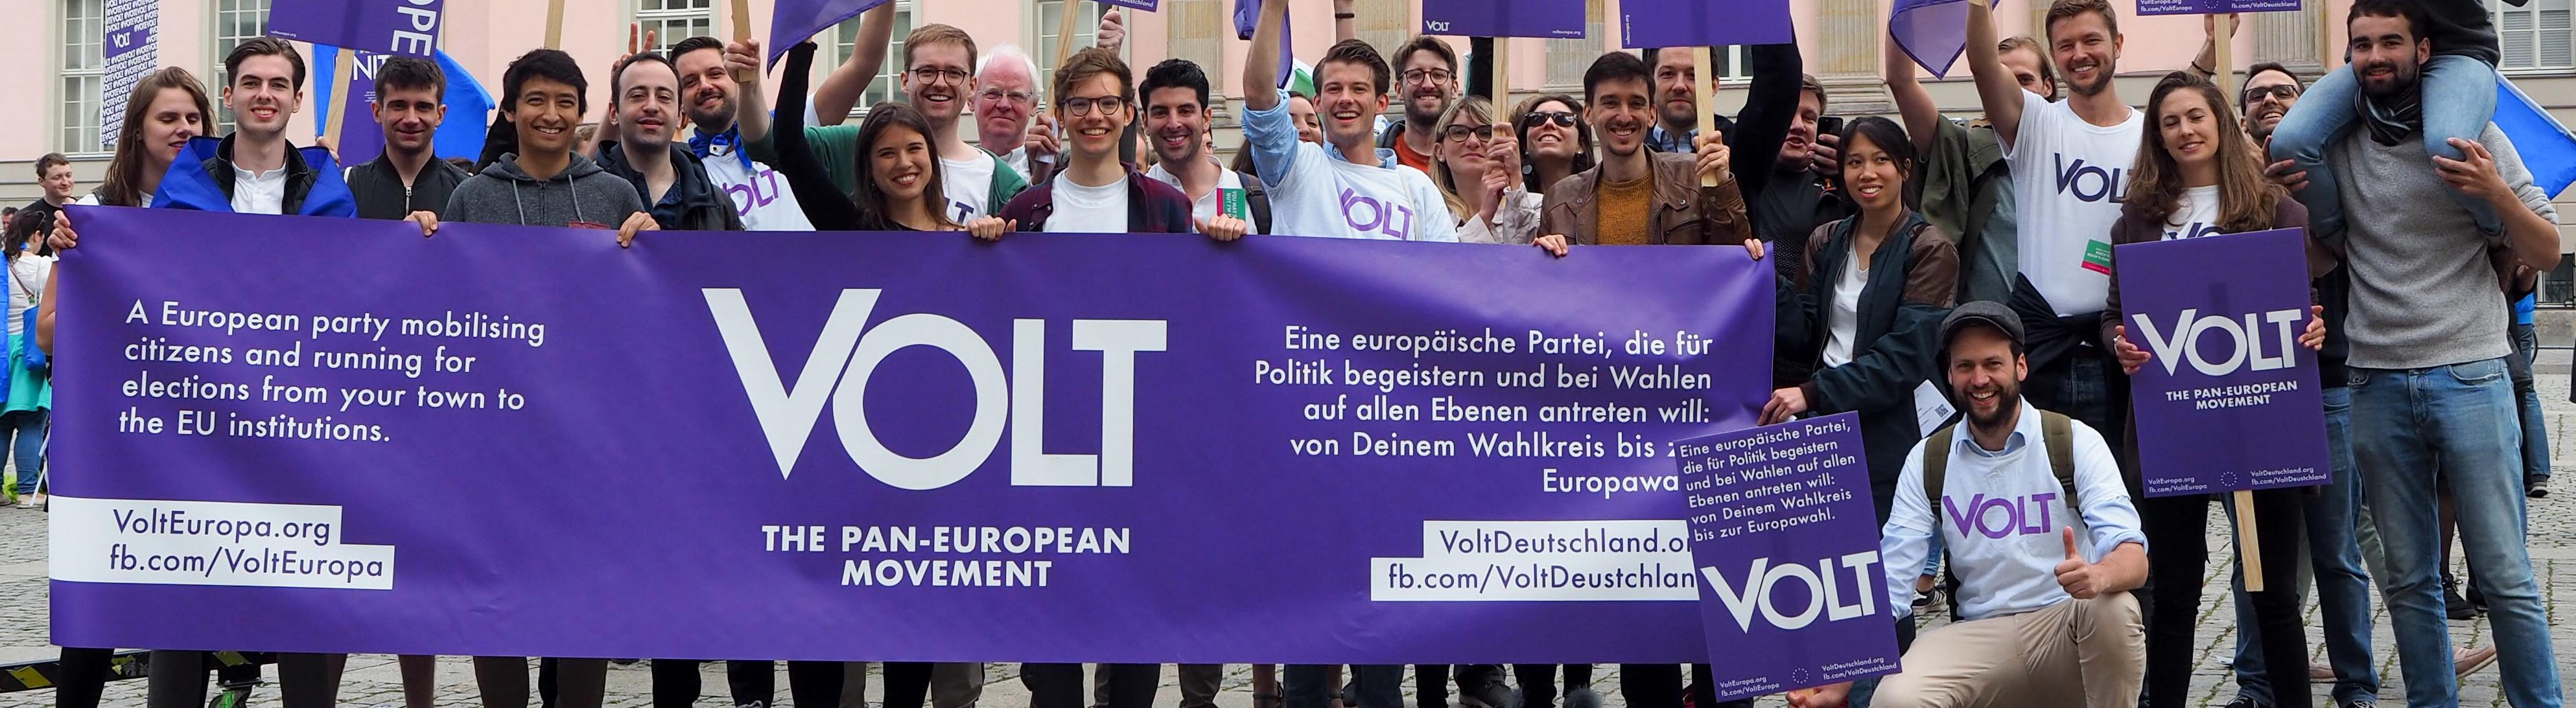 Volt-Partei wirbt in Deutschland um Unterstützung